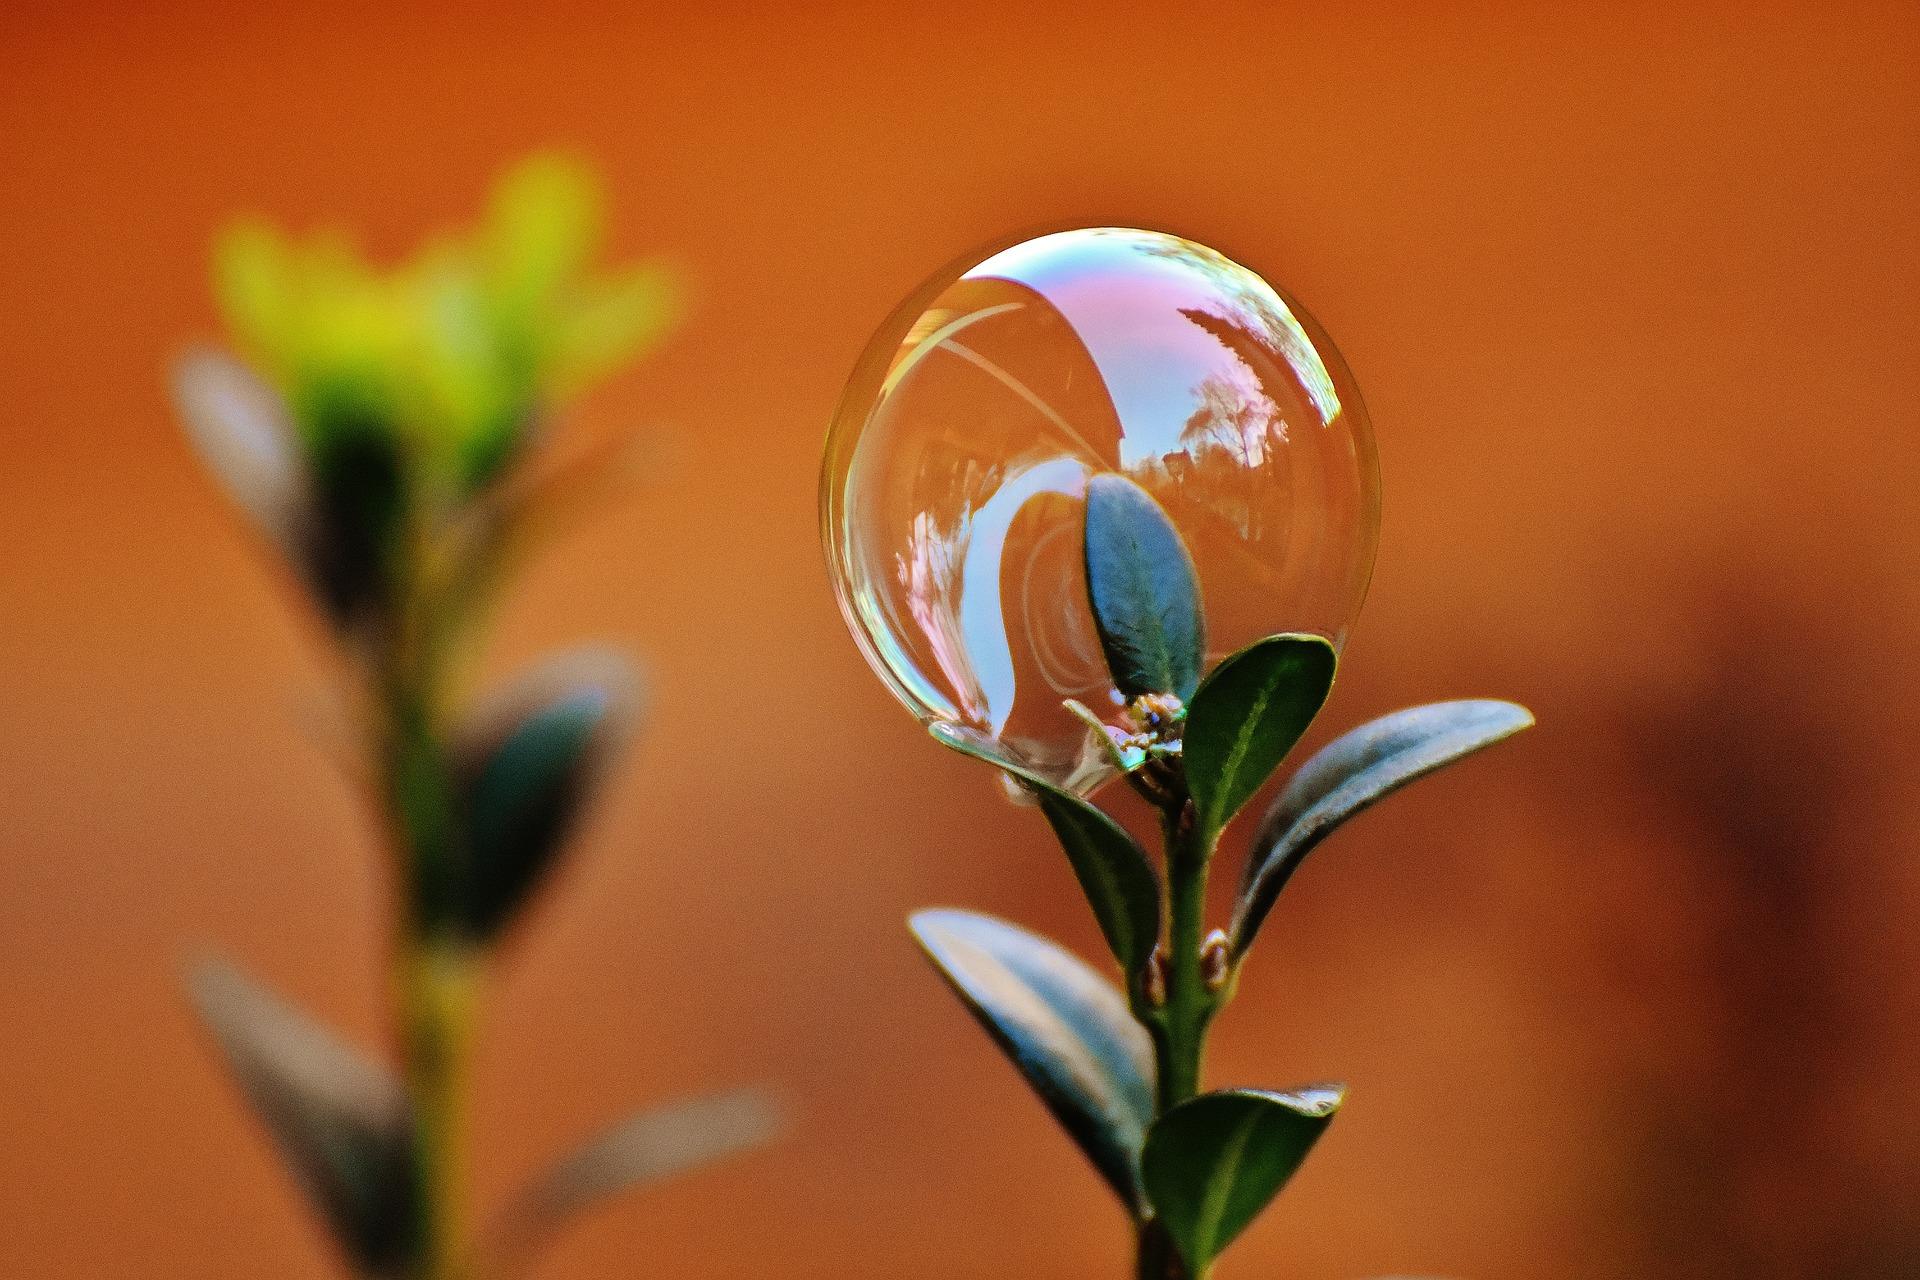 soap-bubble-1900032_1920